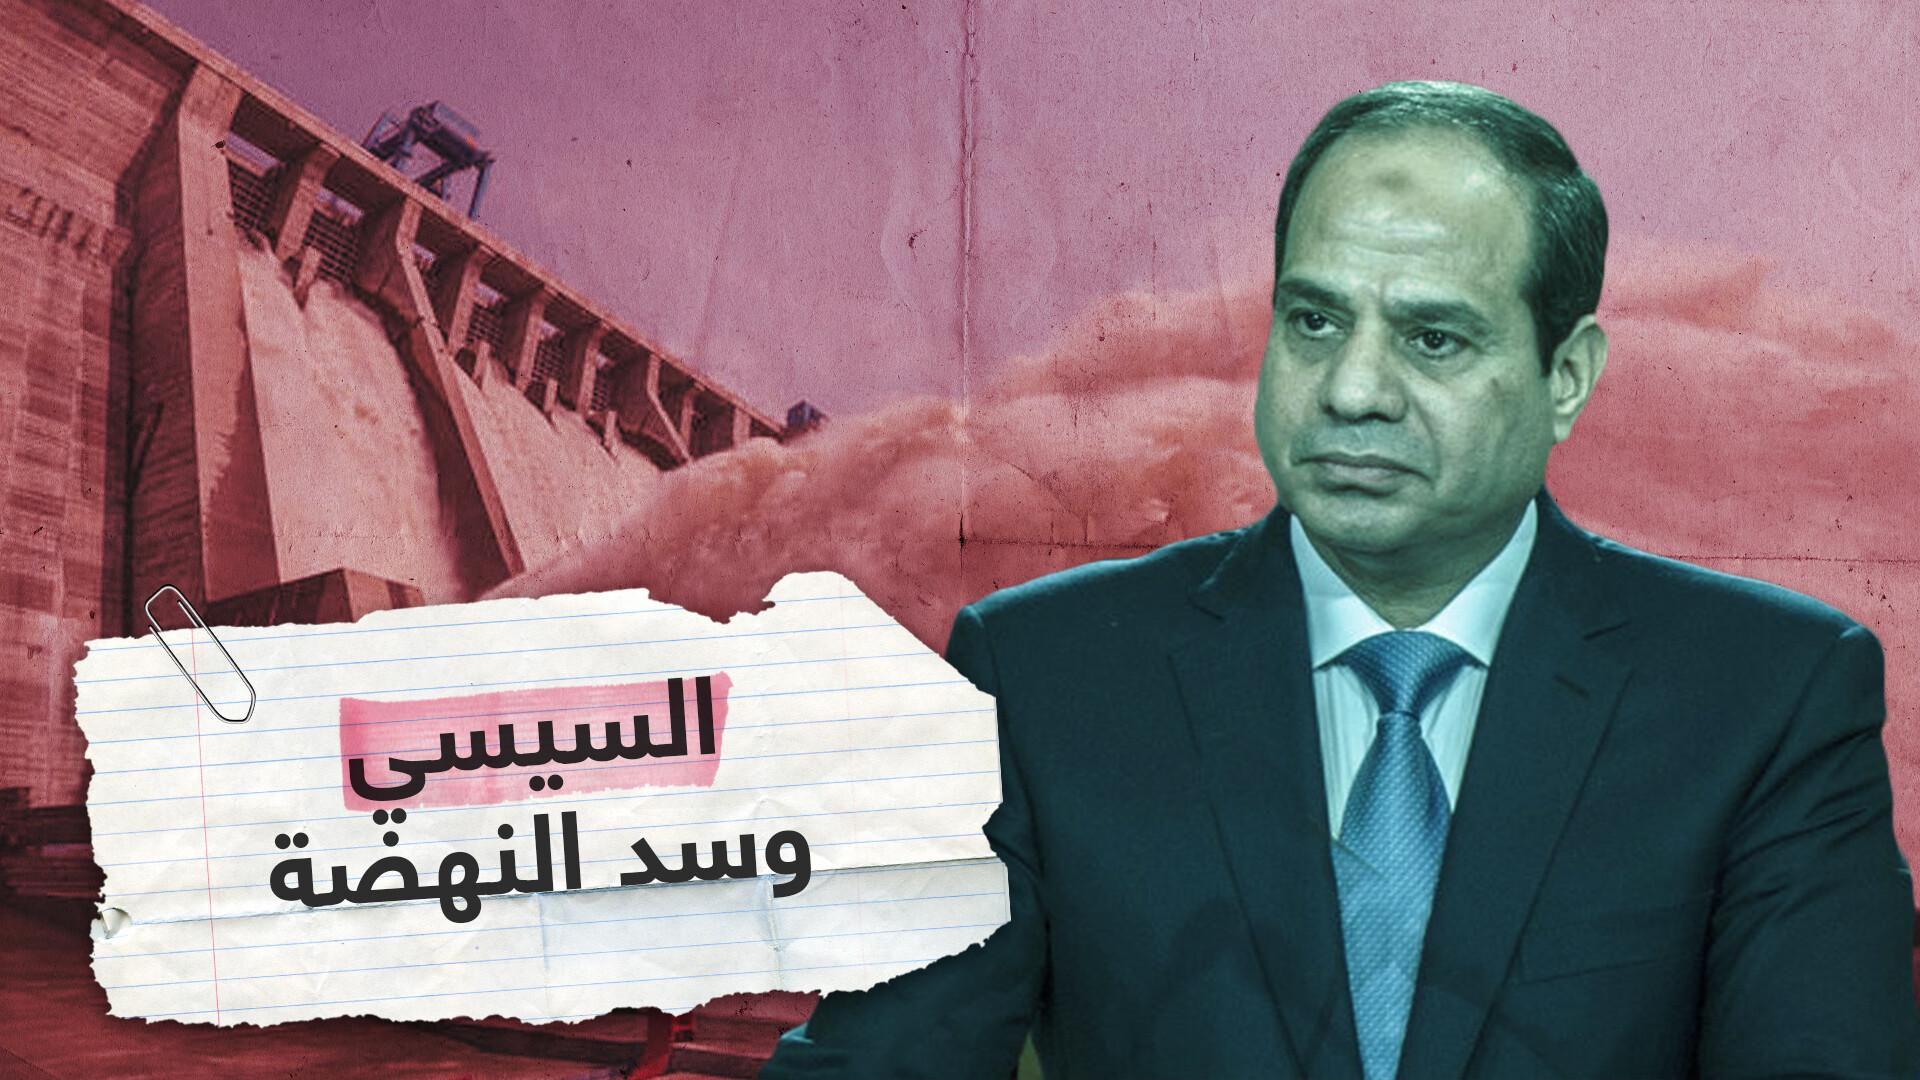 هل تحل أزمة سد النهضة بين مصر وإثيوبيا في موسكو؟